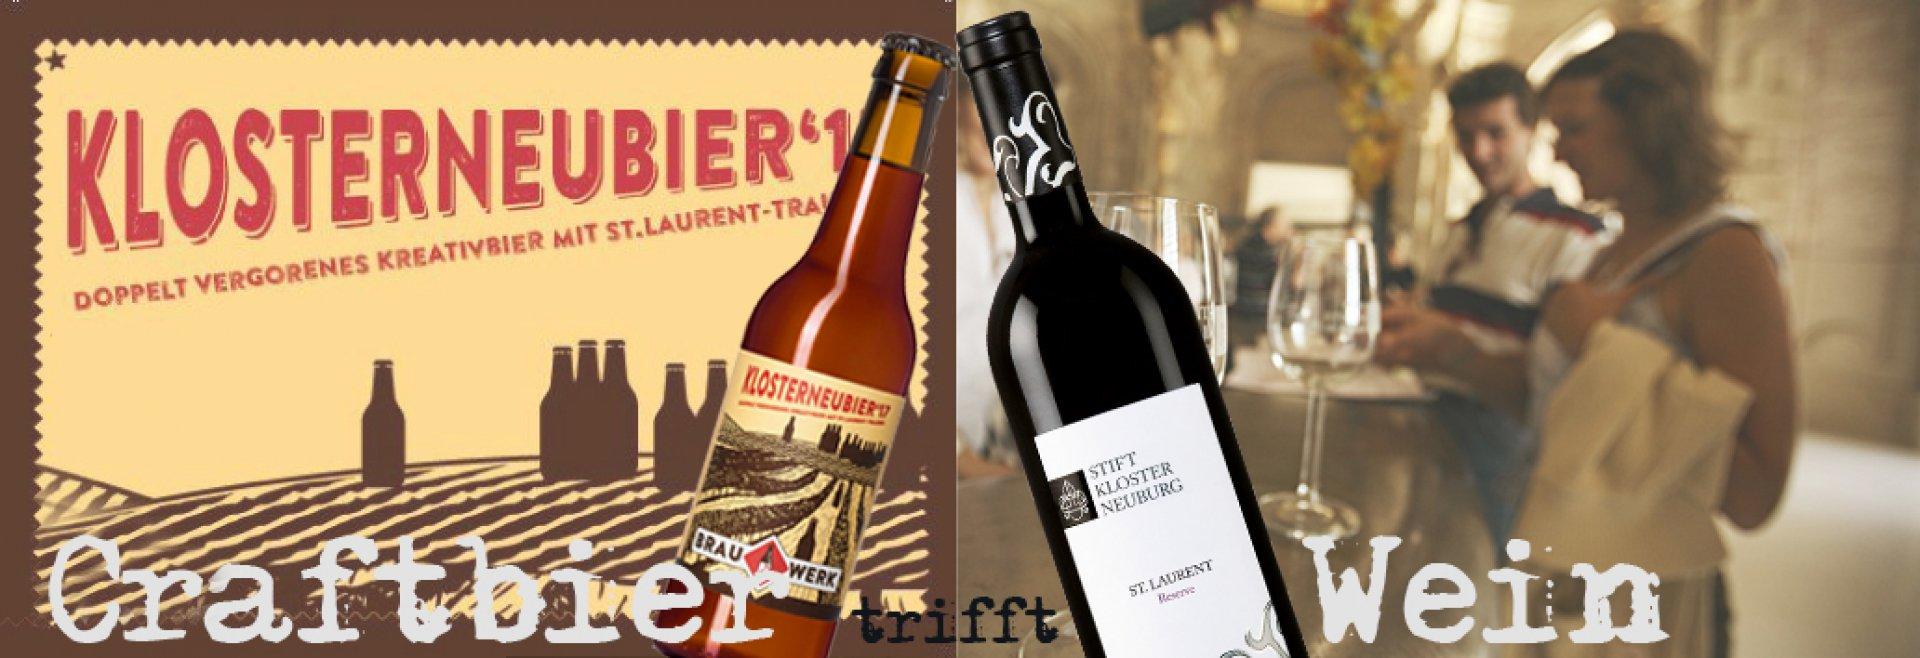 Craftbier trifft Wein